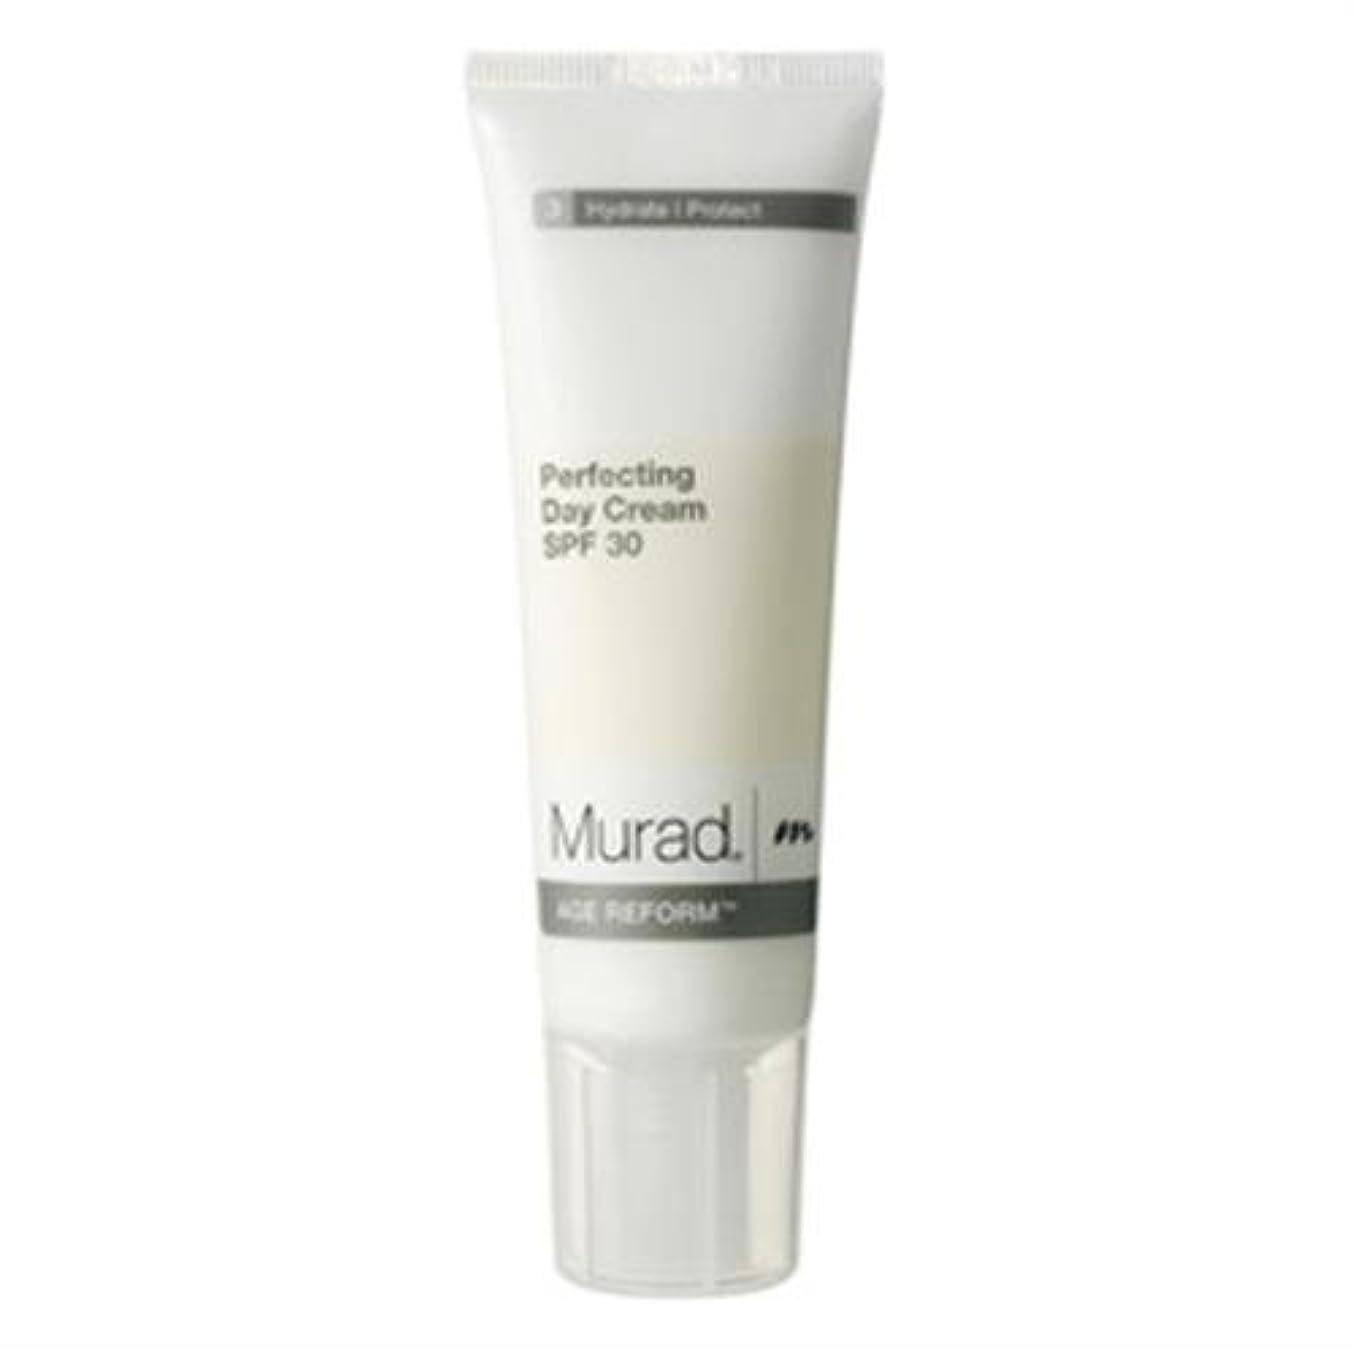 すでに慣れているハッピーミュラド Perfecting Day Cream SPF30 - Dry/Sensitive Skin (Exp. Date 03/2020) 50ml/1.7oz並行輸入品